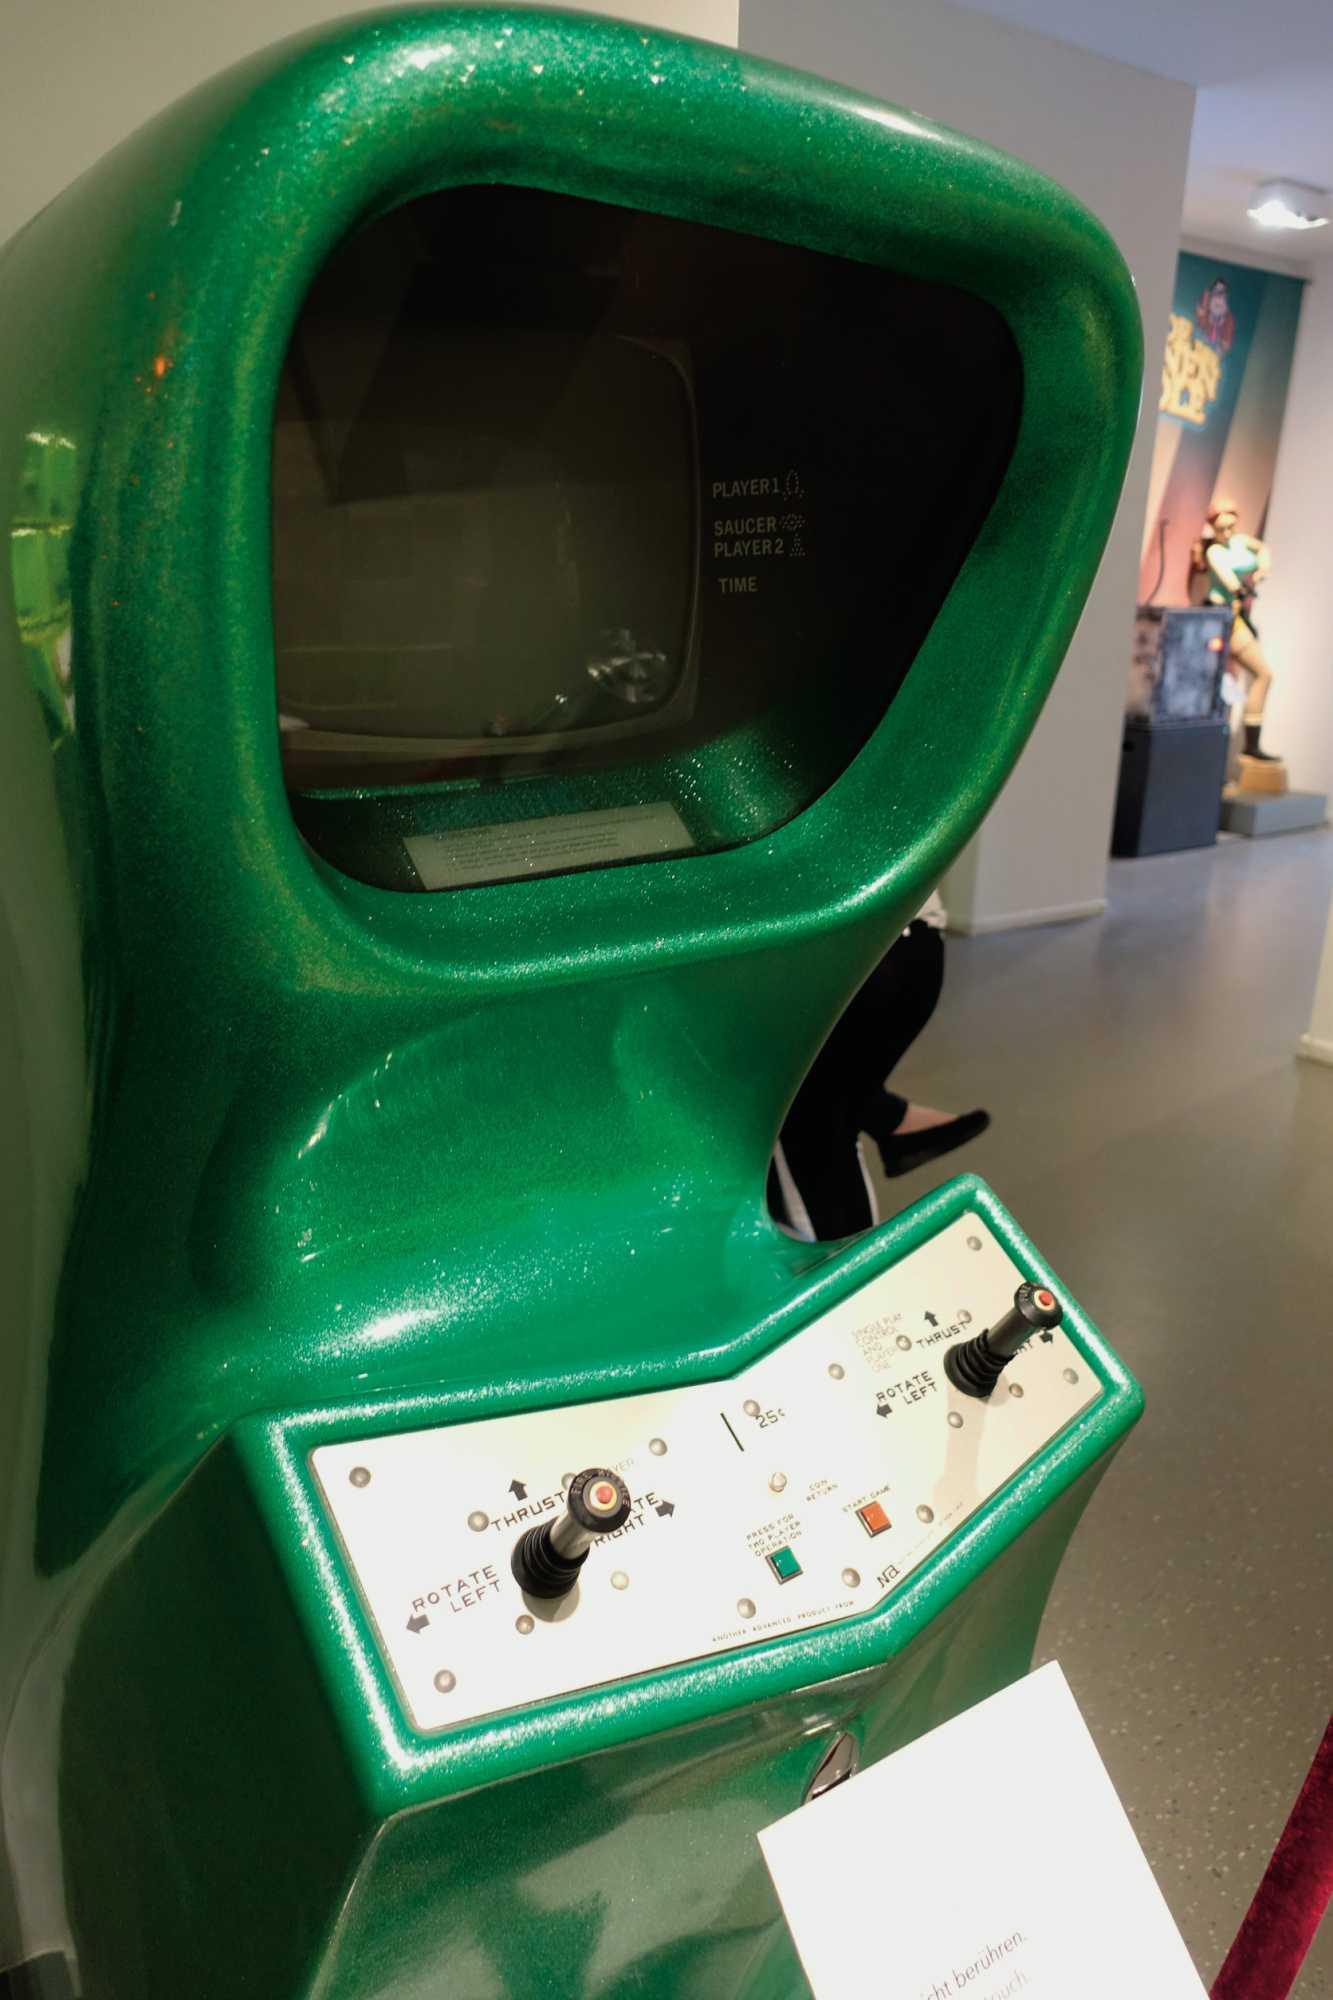 """Grün und spacig kommt der """"Computer Space""""-Arcade-Automat im Computerspielemuseum daher."""